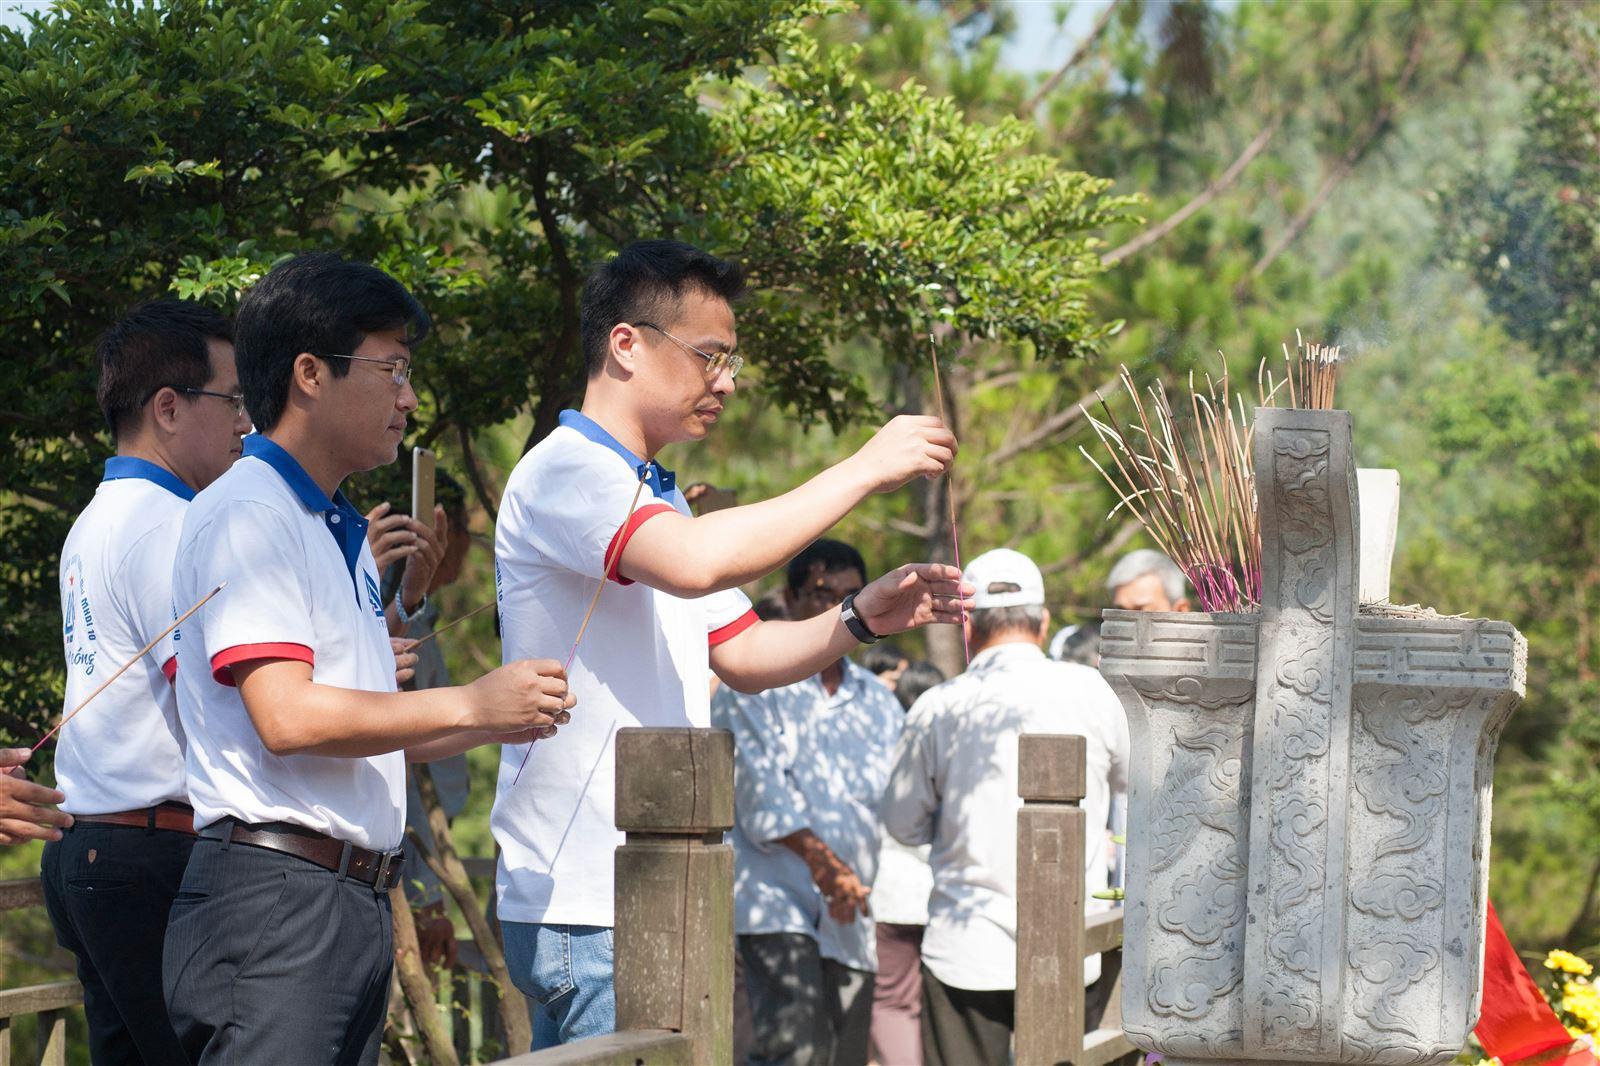 Thăm viếng mộ Đại tướng Võ Nguyên Giáp tại Vũng Chùa - Đảo Yến